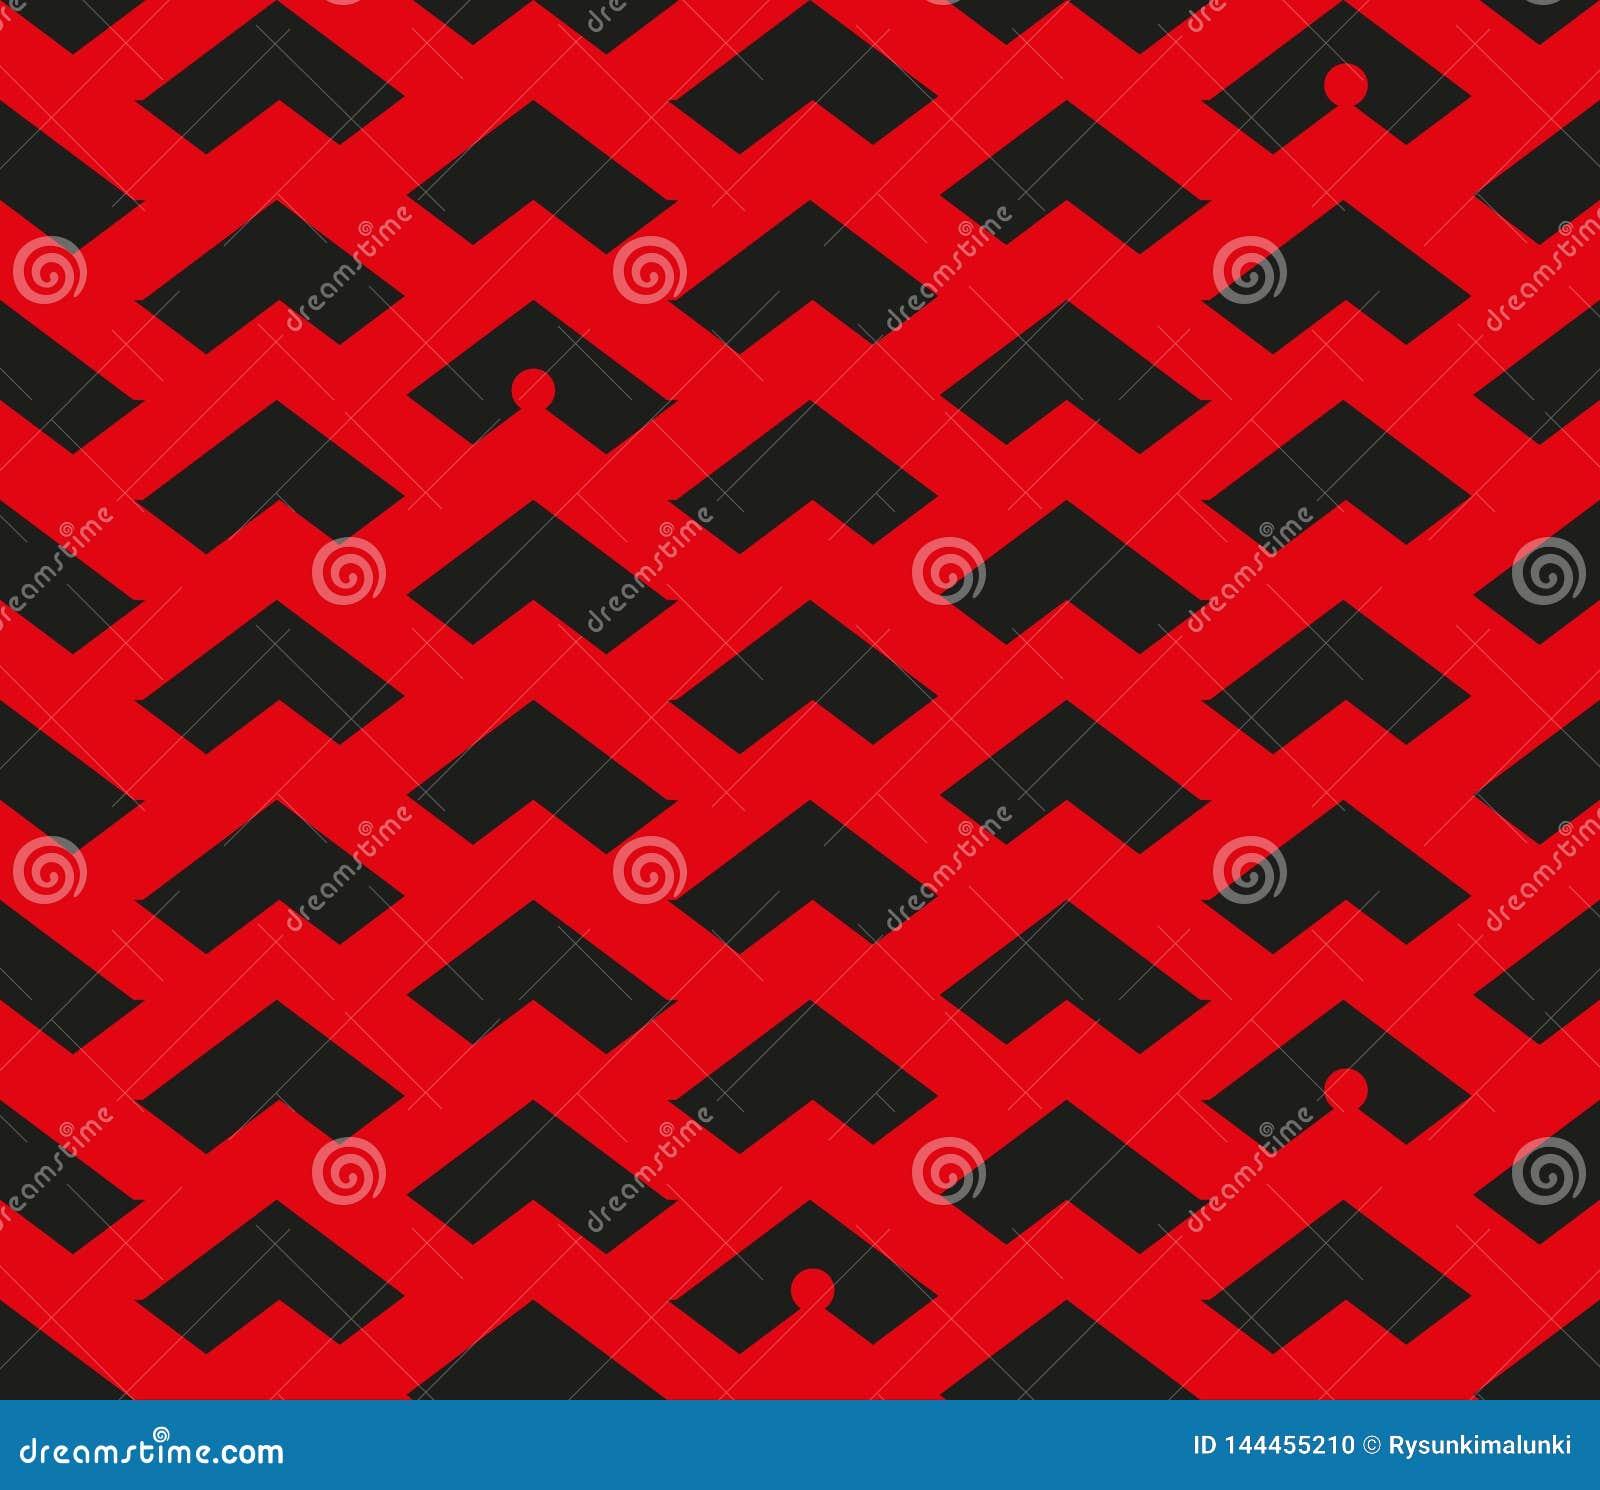 Modèle rouge et noir de chevron de résumé avec des silhouettes de lutins dans quelques endroits